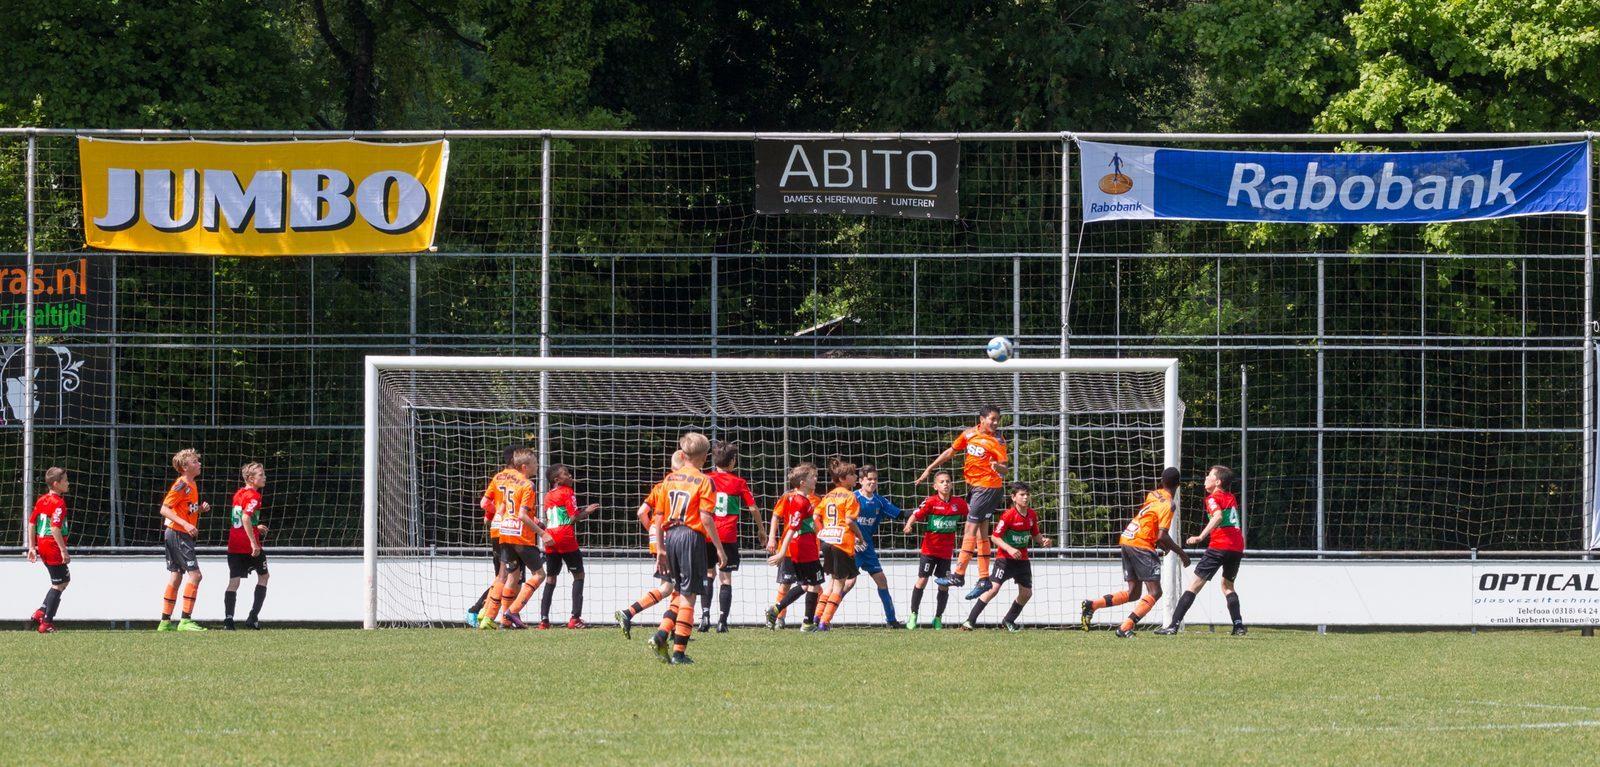 TopParken Tournament U14 - Internationaal voetbaltoernooi in Lunteren